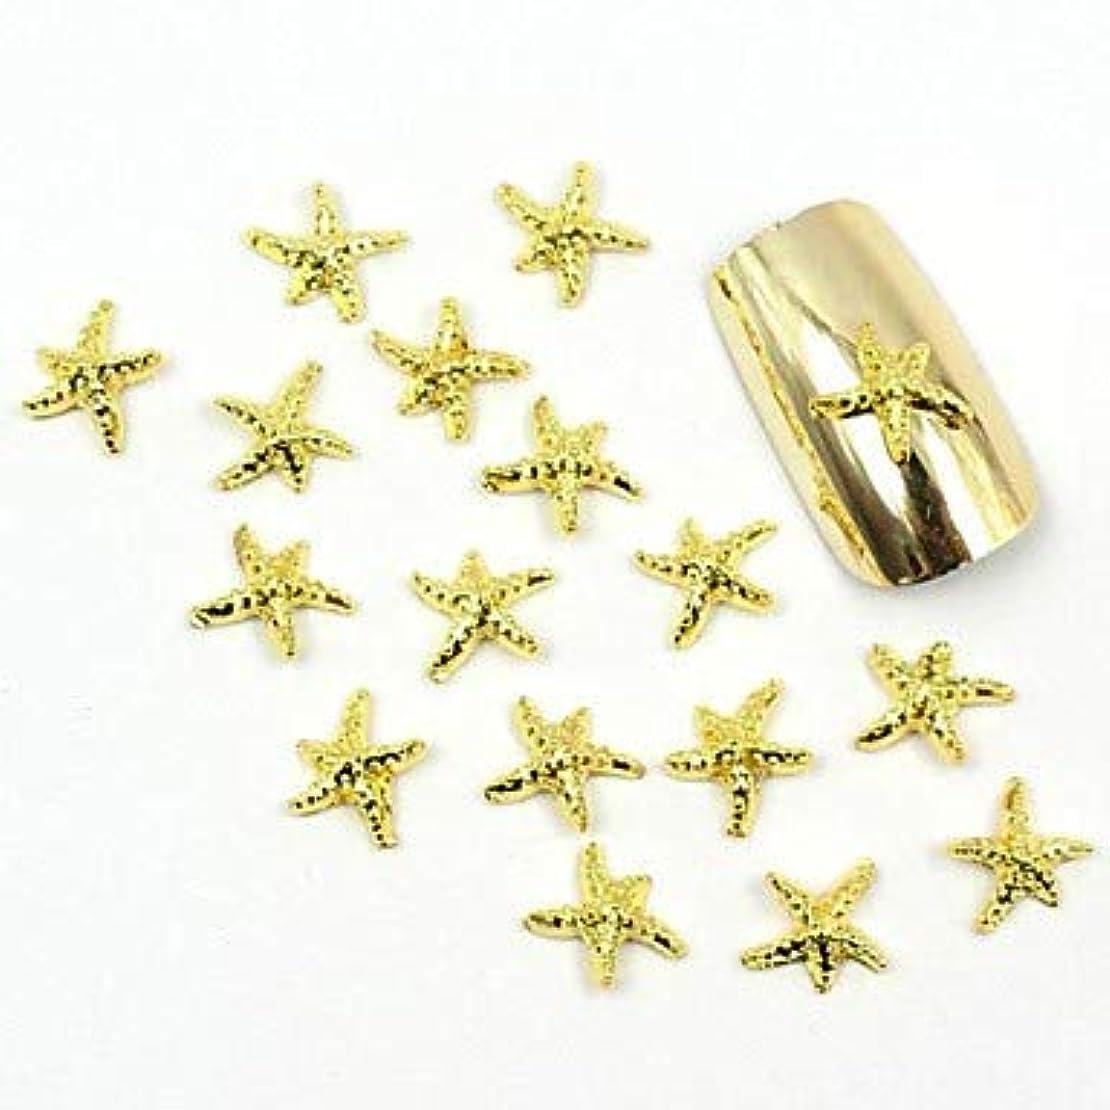 早熟変わる厳しい偽アクリル型ネイルアートの装飾のための100個の3Dゴールドネイルジュエリーメタルスター